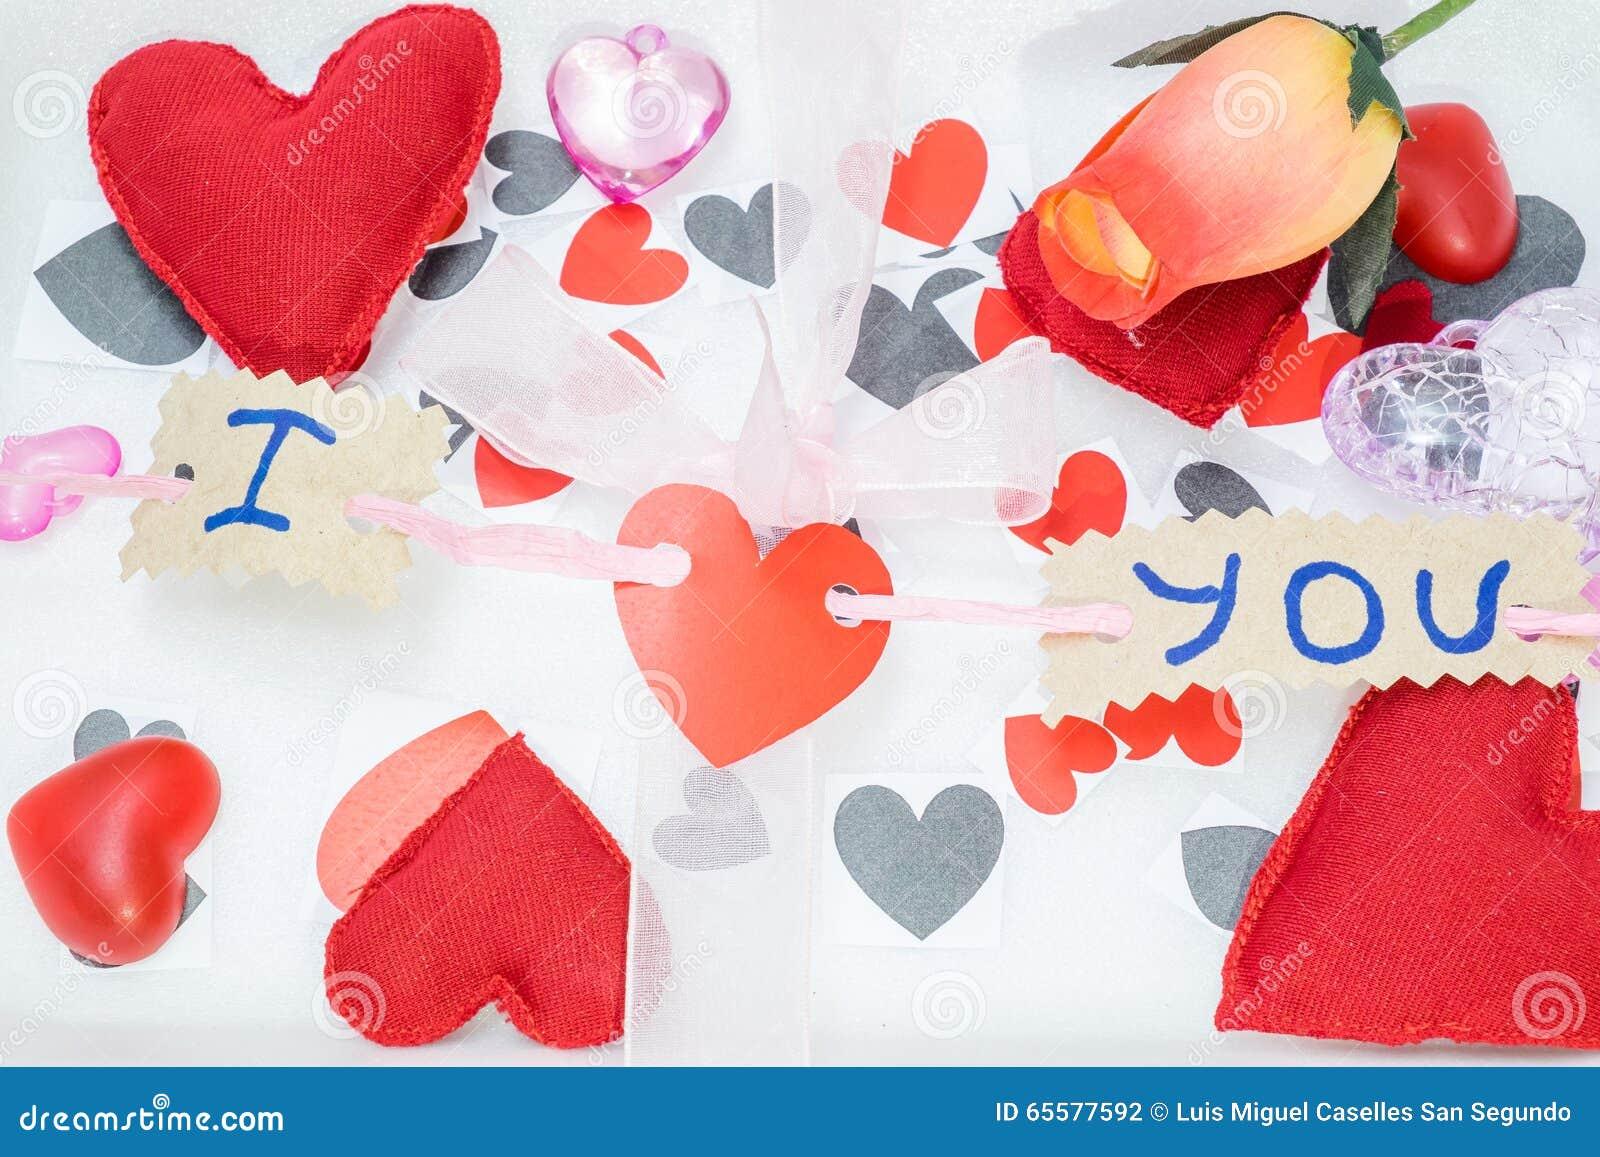 Muitos corações de cores diferentes